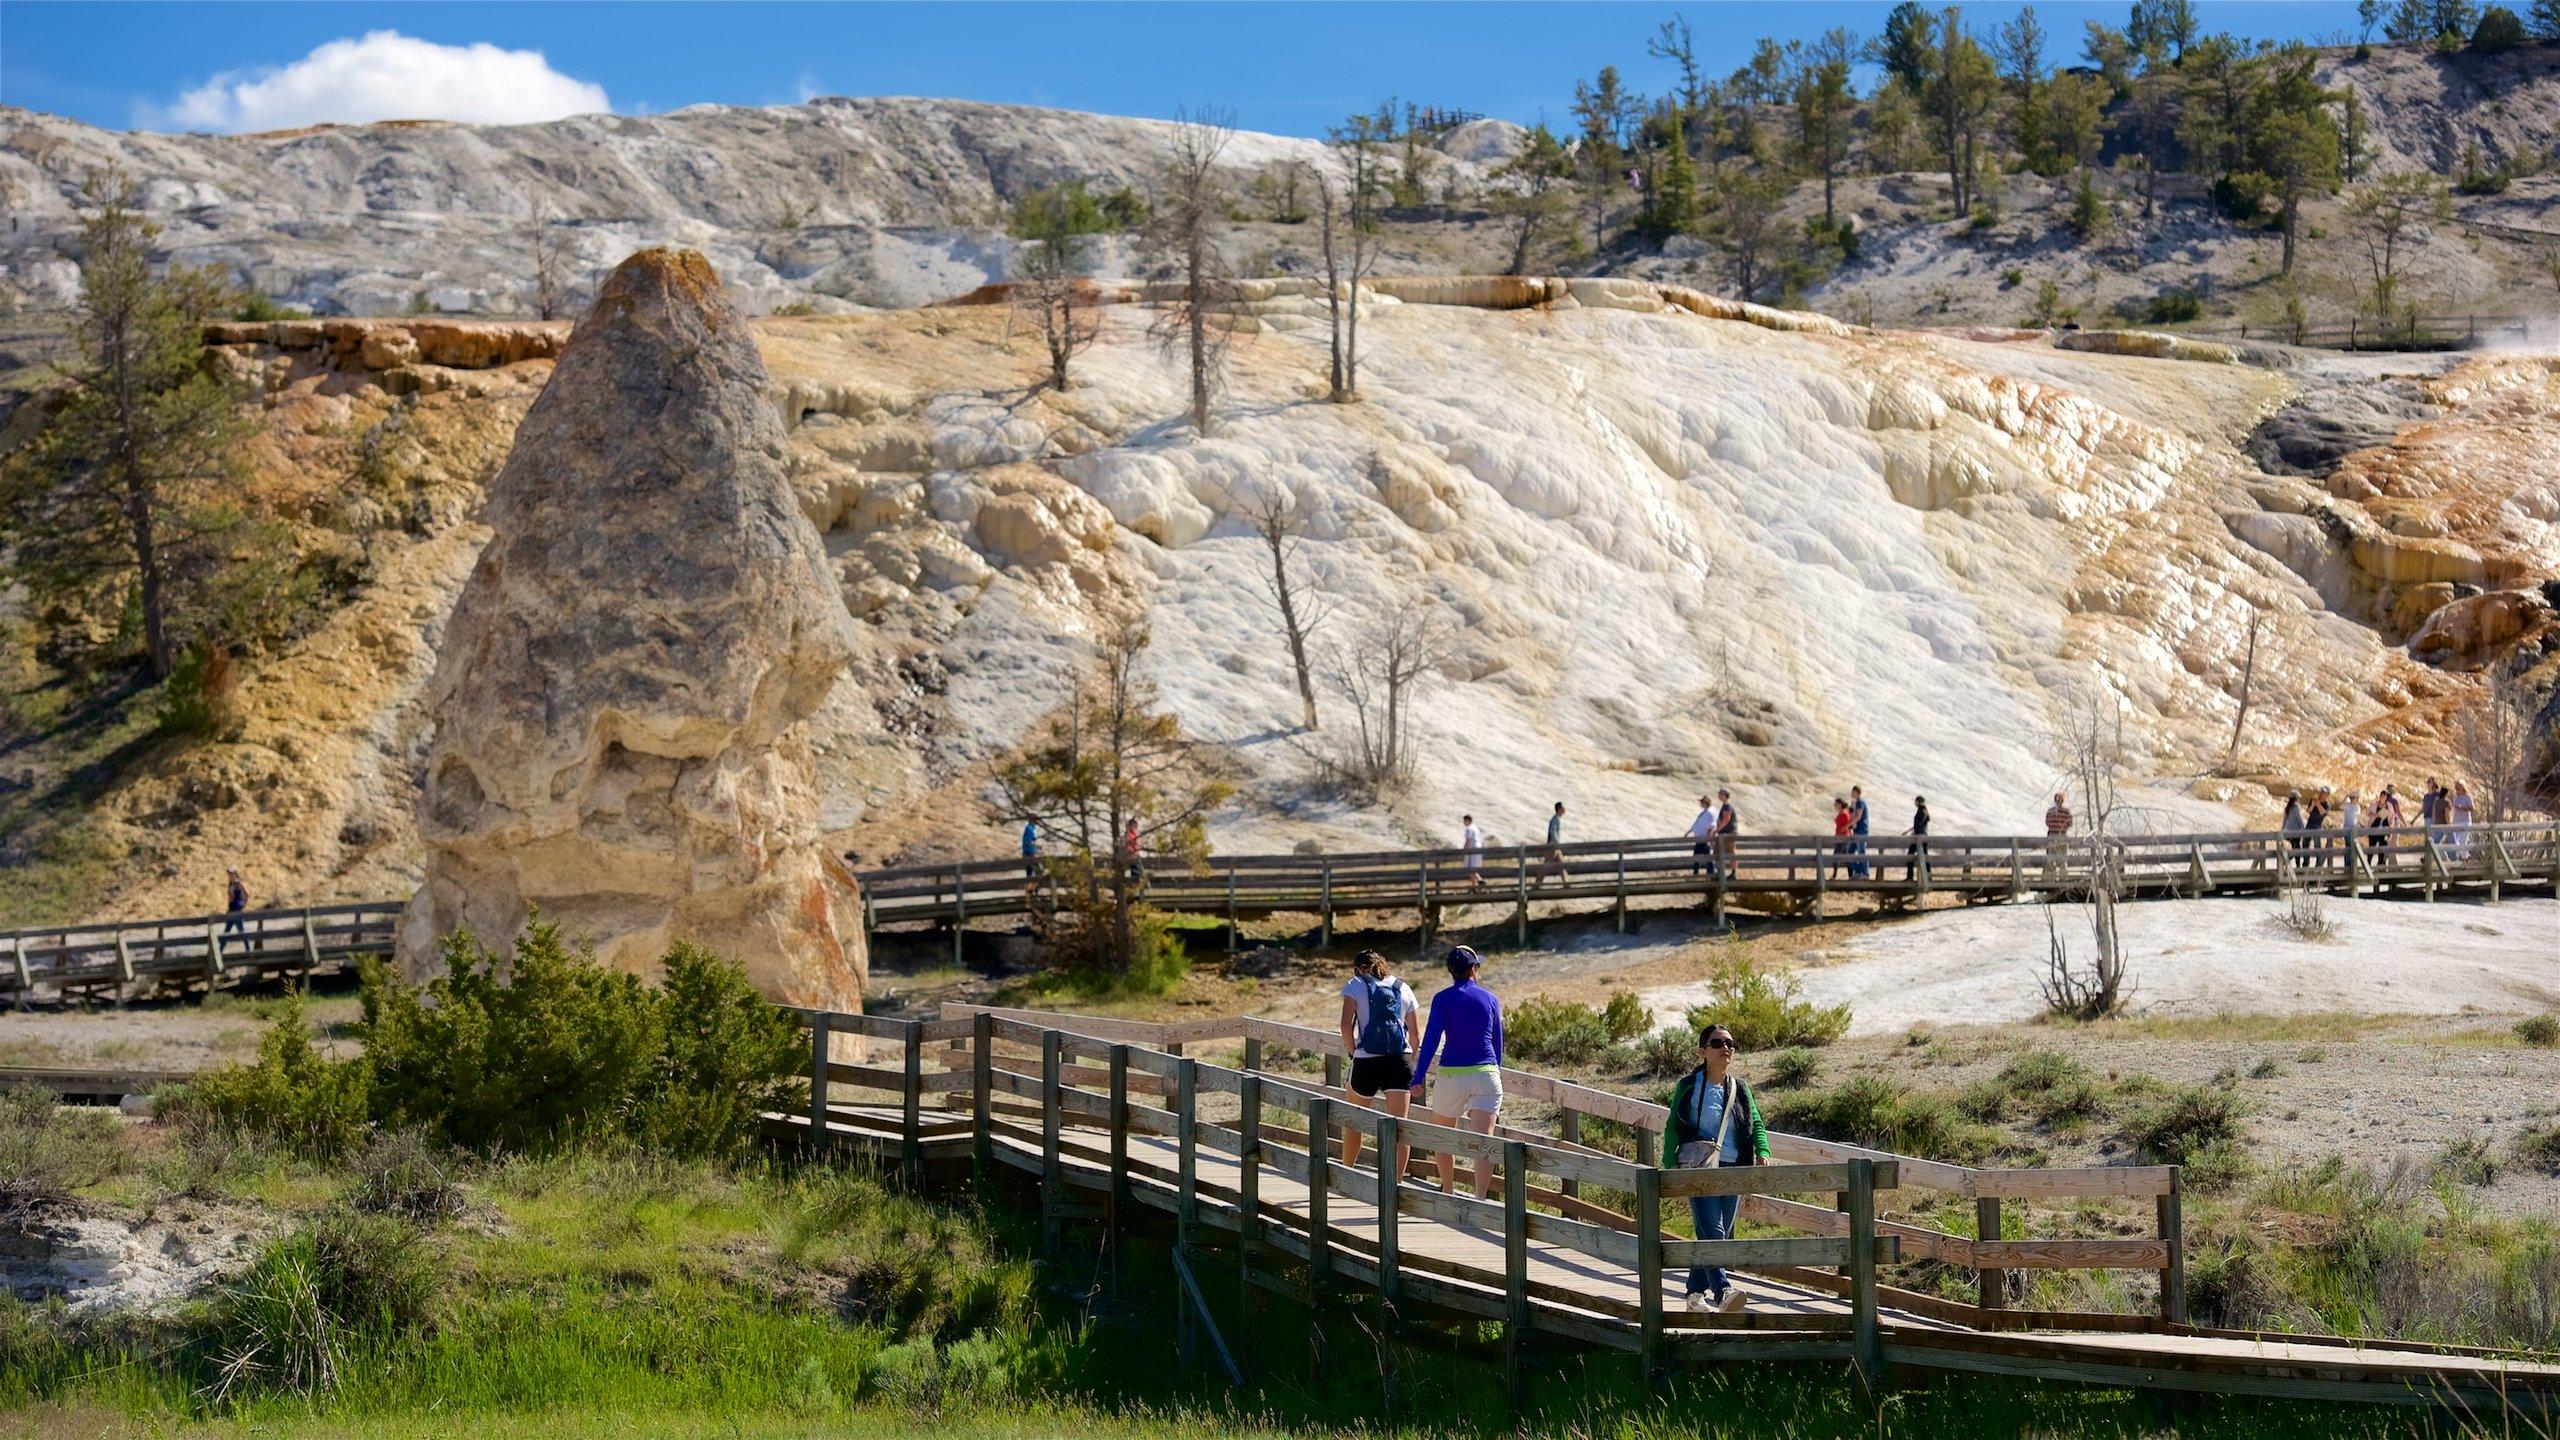 Werden Sie eins mit der Natur und erkunden Sie die reizvolle Umgebung von Mammoth Hot Springs während Ihres Urlaubs in Yellowstone Nationalpark. Spazieren Sie durch die Parks, während Sie in der Gegend sind.